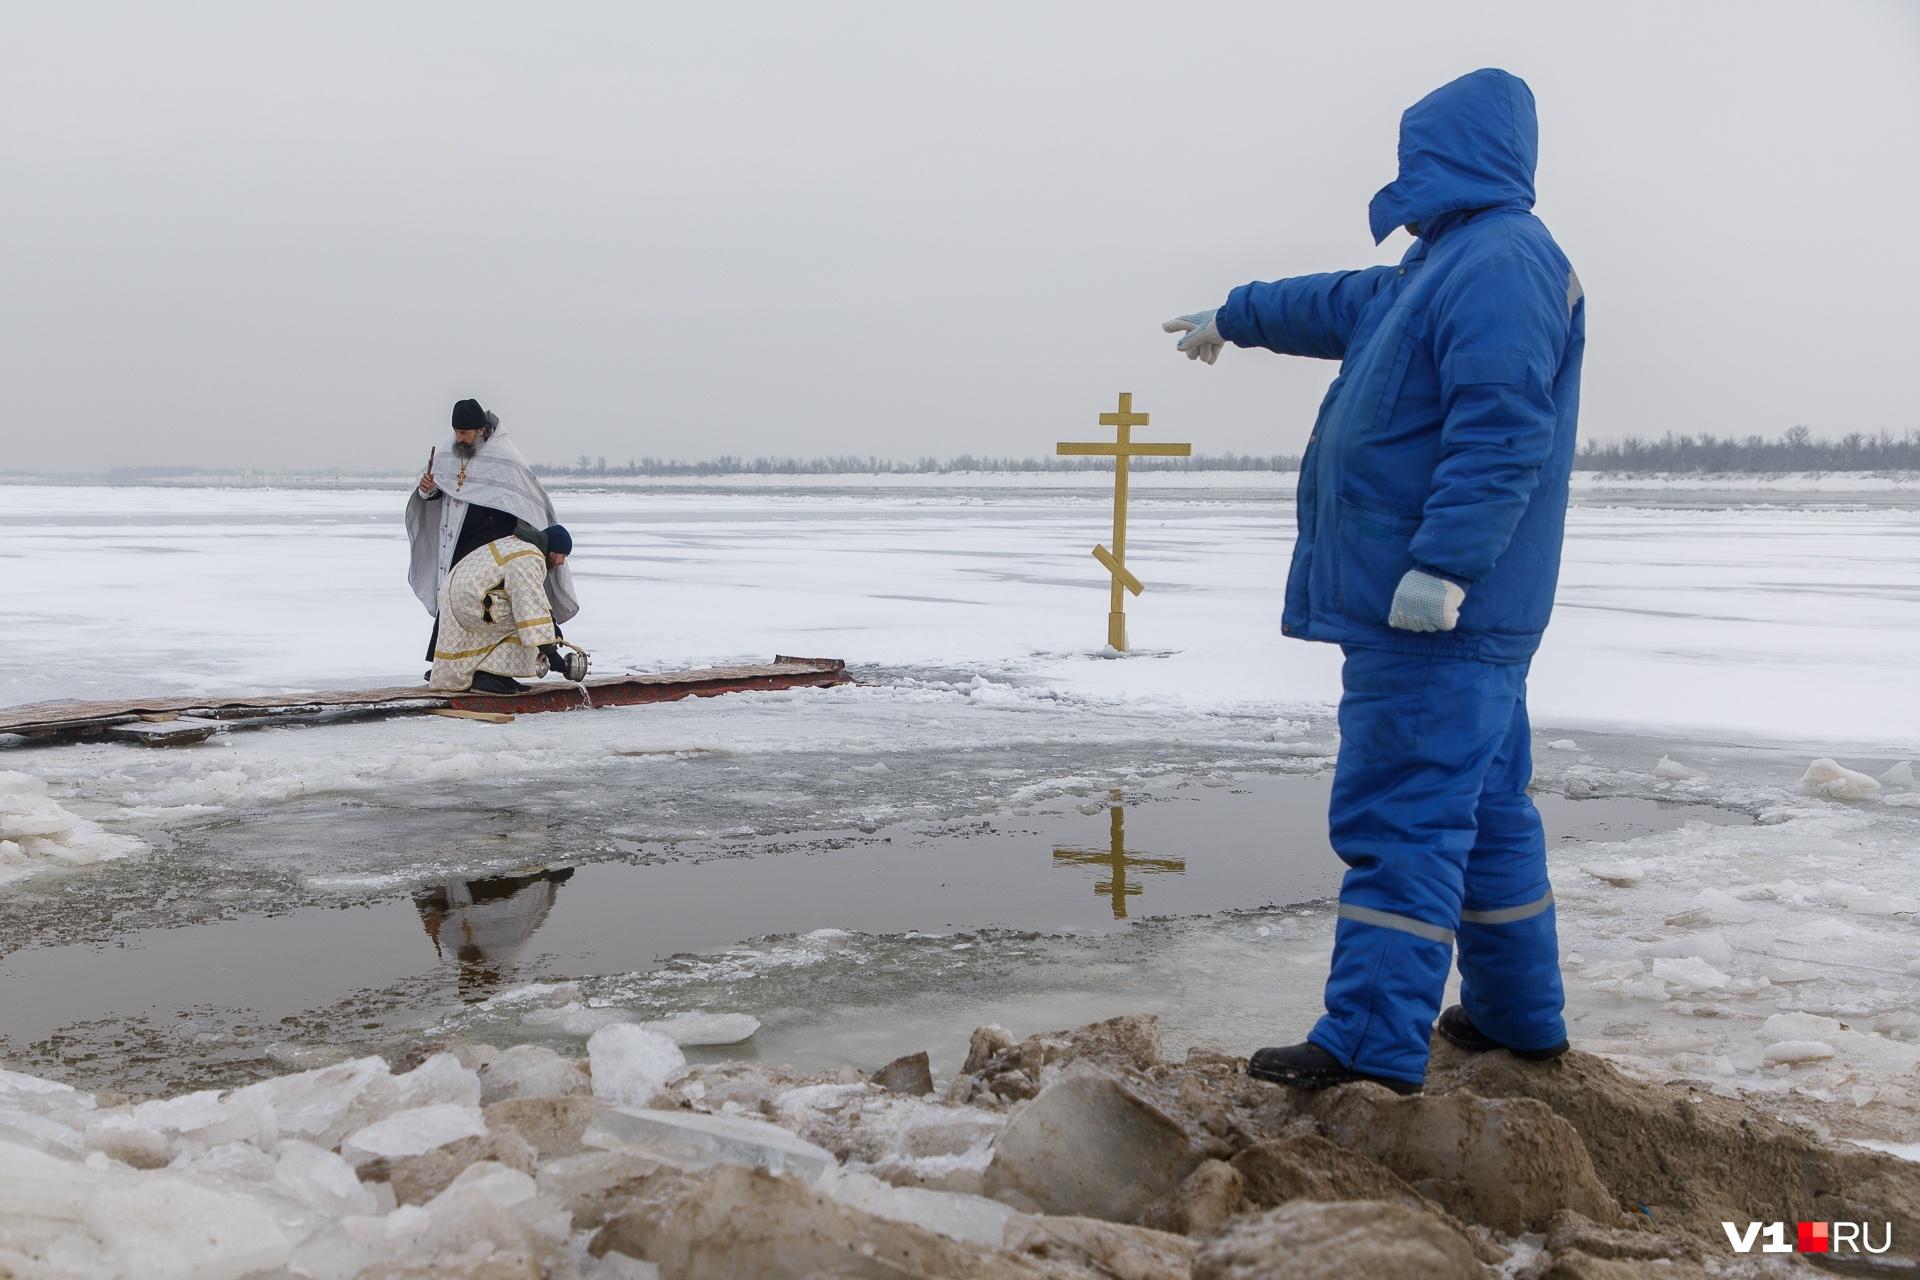 Несмотря на пандемию коронавируса, Волгоград не отказался от крещенских омовений